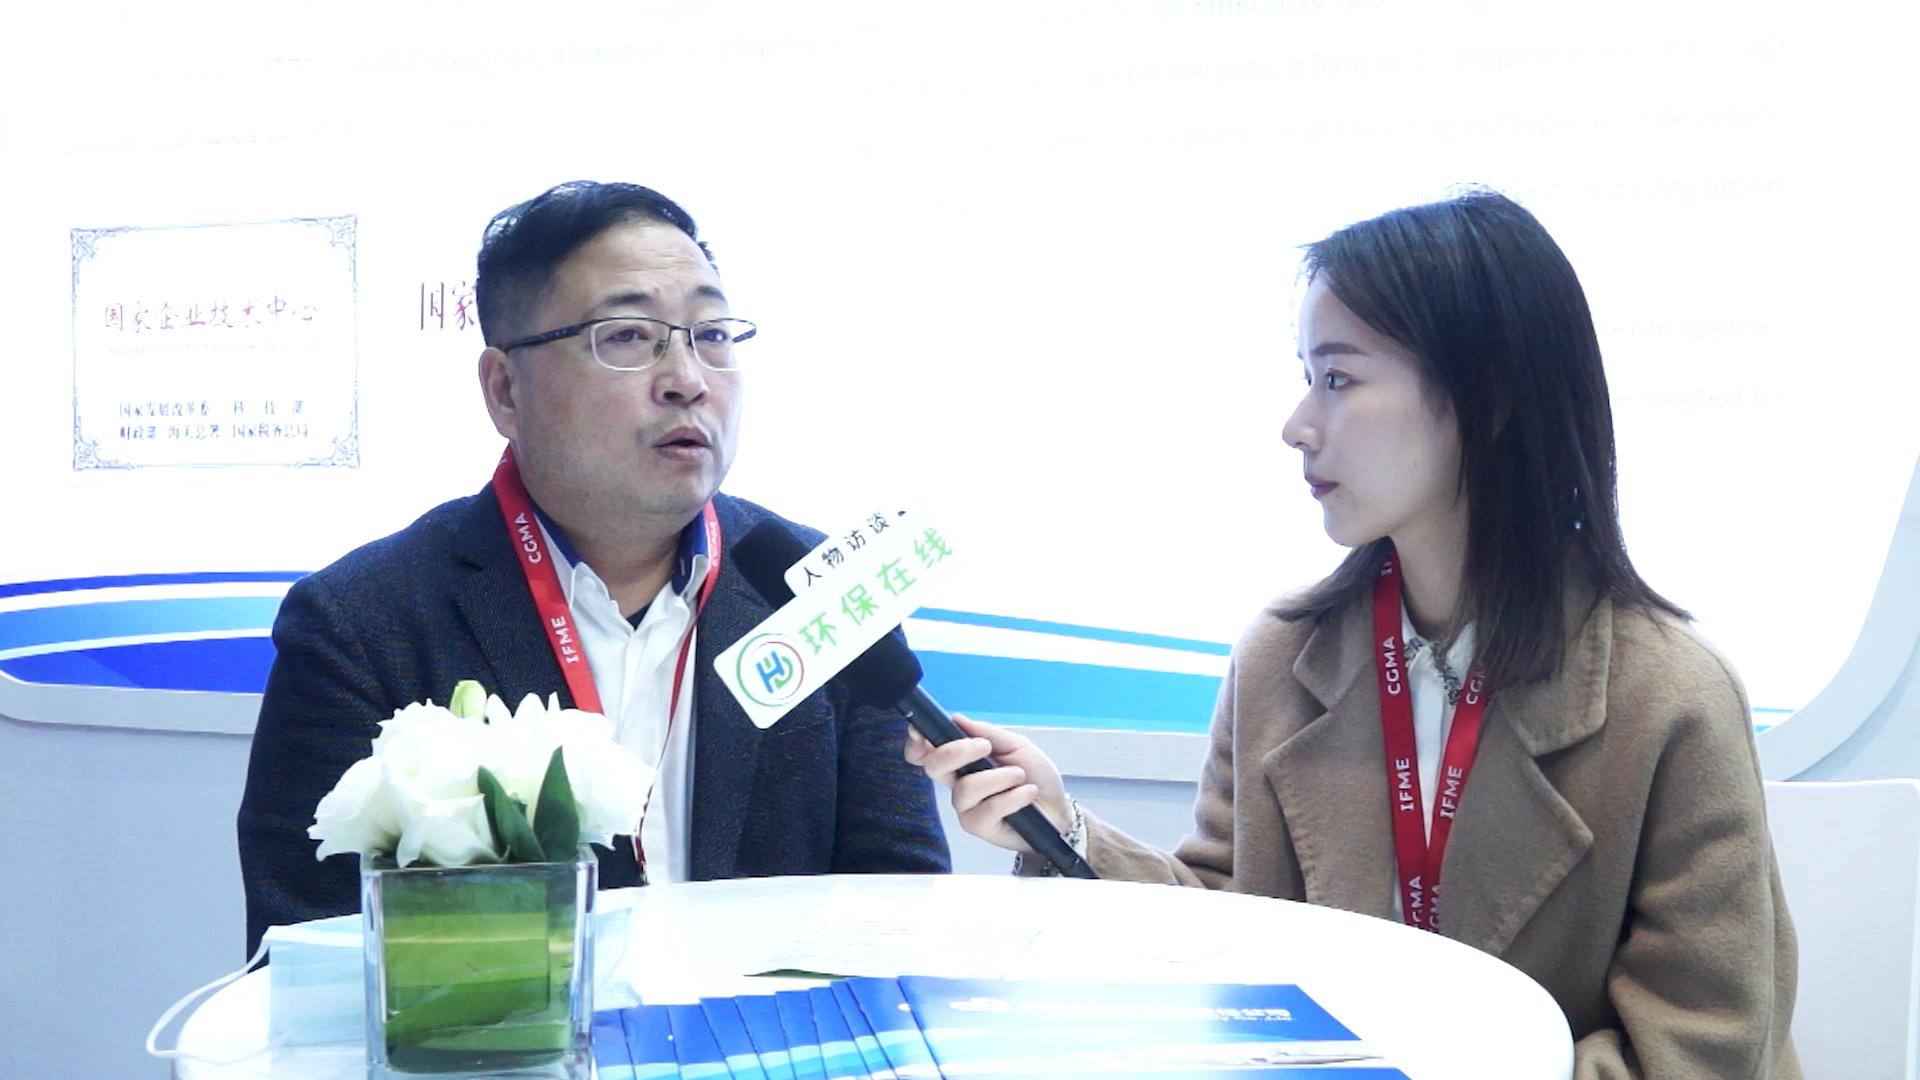 专访:重庆水泵厂有限责任公司总经理彭忠